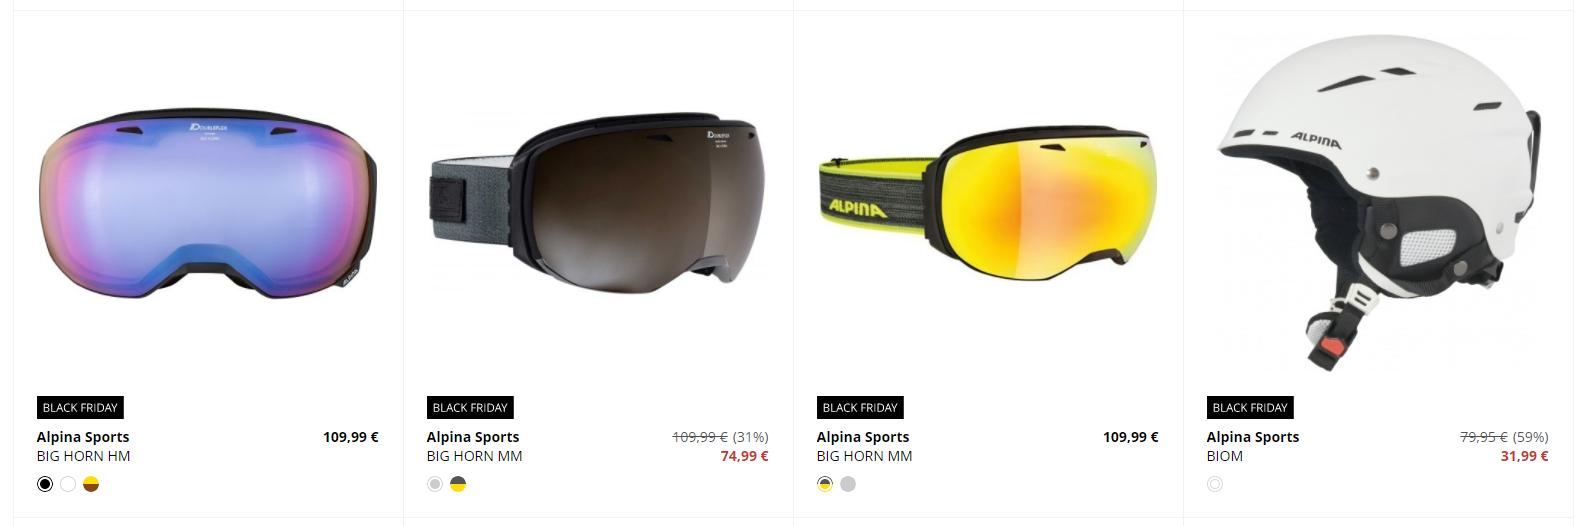 Black Friday Sportisimo – zlacnené lyžiarske okuliare